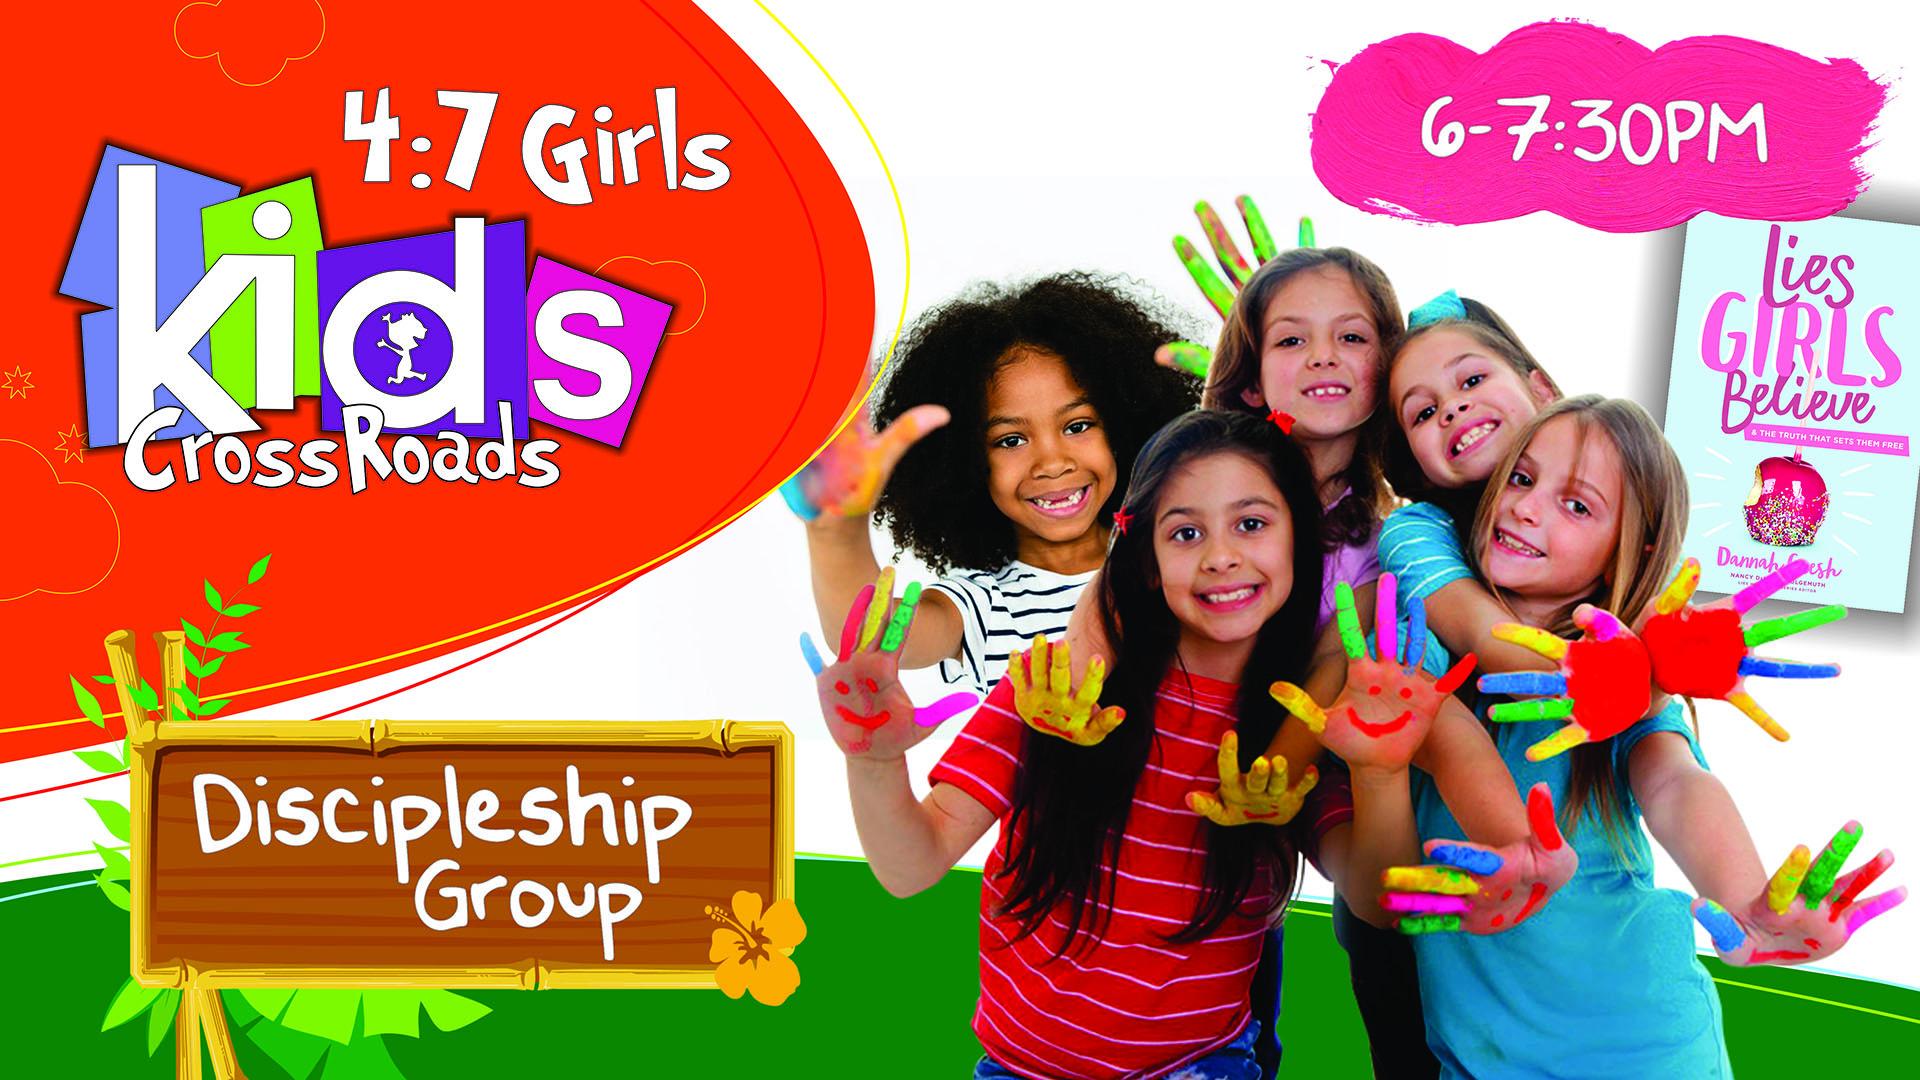 4-7 girls